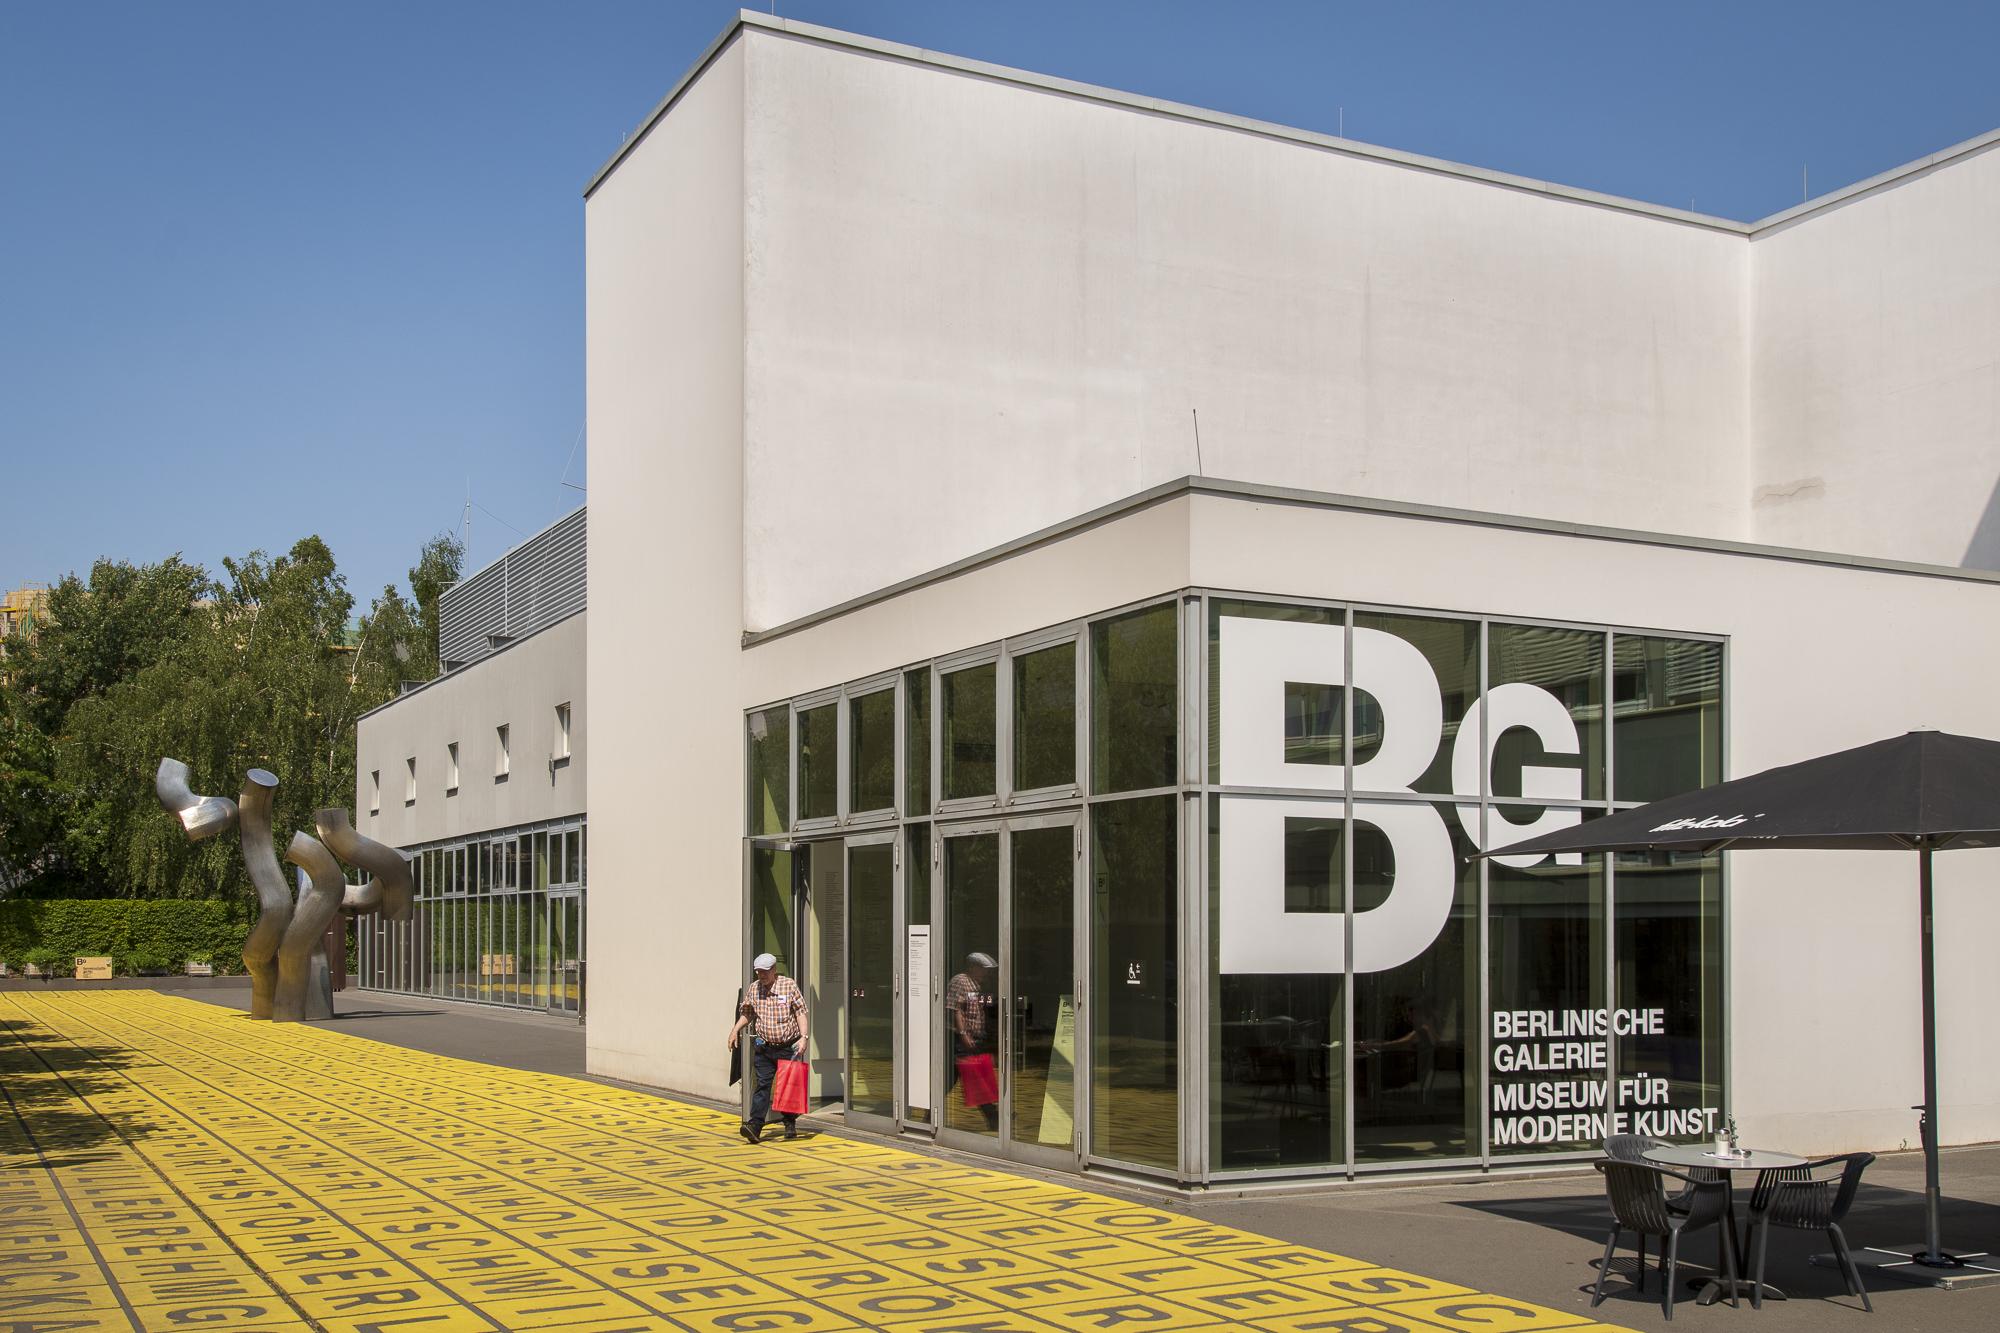 Berlinische Galerie  PHOTOGRAPHY: ALEXANDER J.E. BRADLEY • NIKON D500 • AF-S NIKKOR 14-24MM Ƒ/2.8G ED @ 23MM • Ƒ/11 • 1/250 • ISO 100